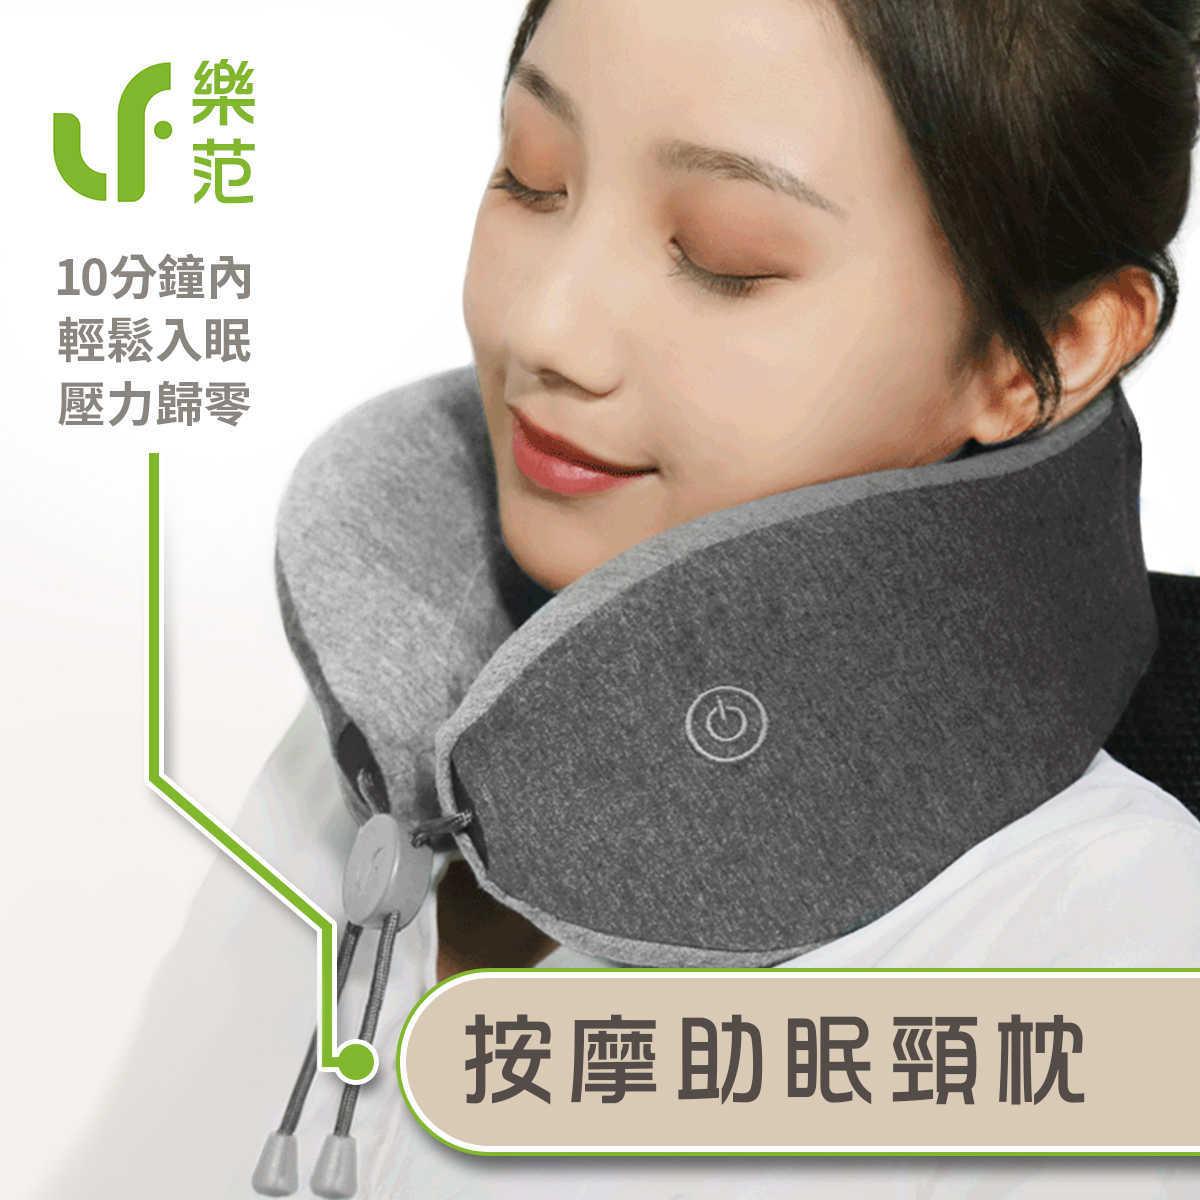 【智慧小米】米家樂范按摩助眠頸枕